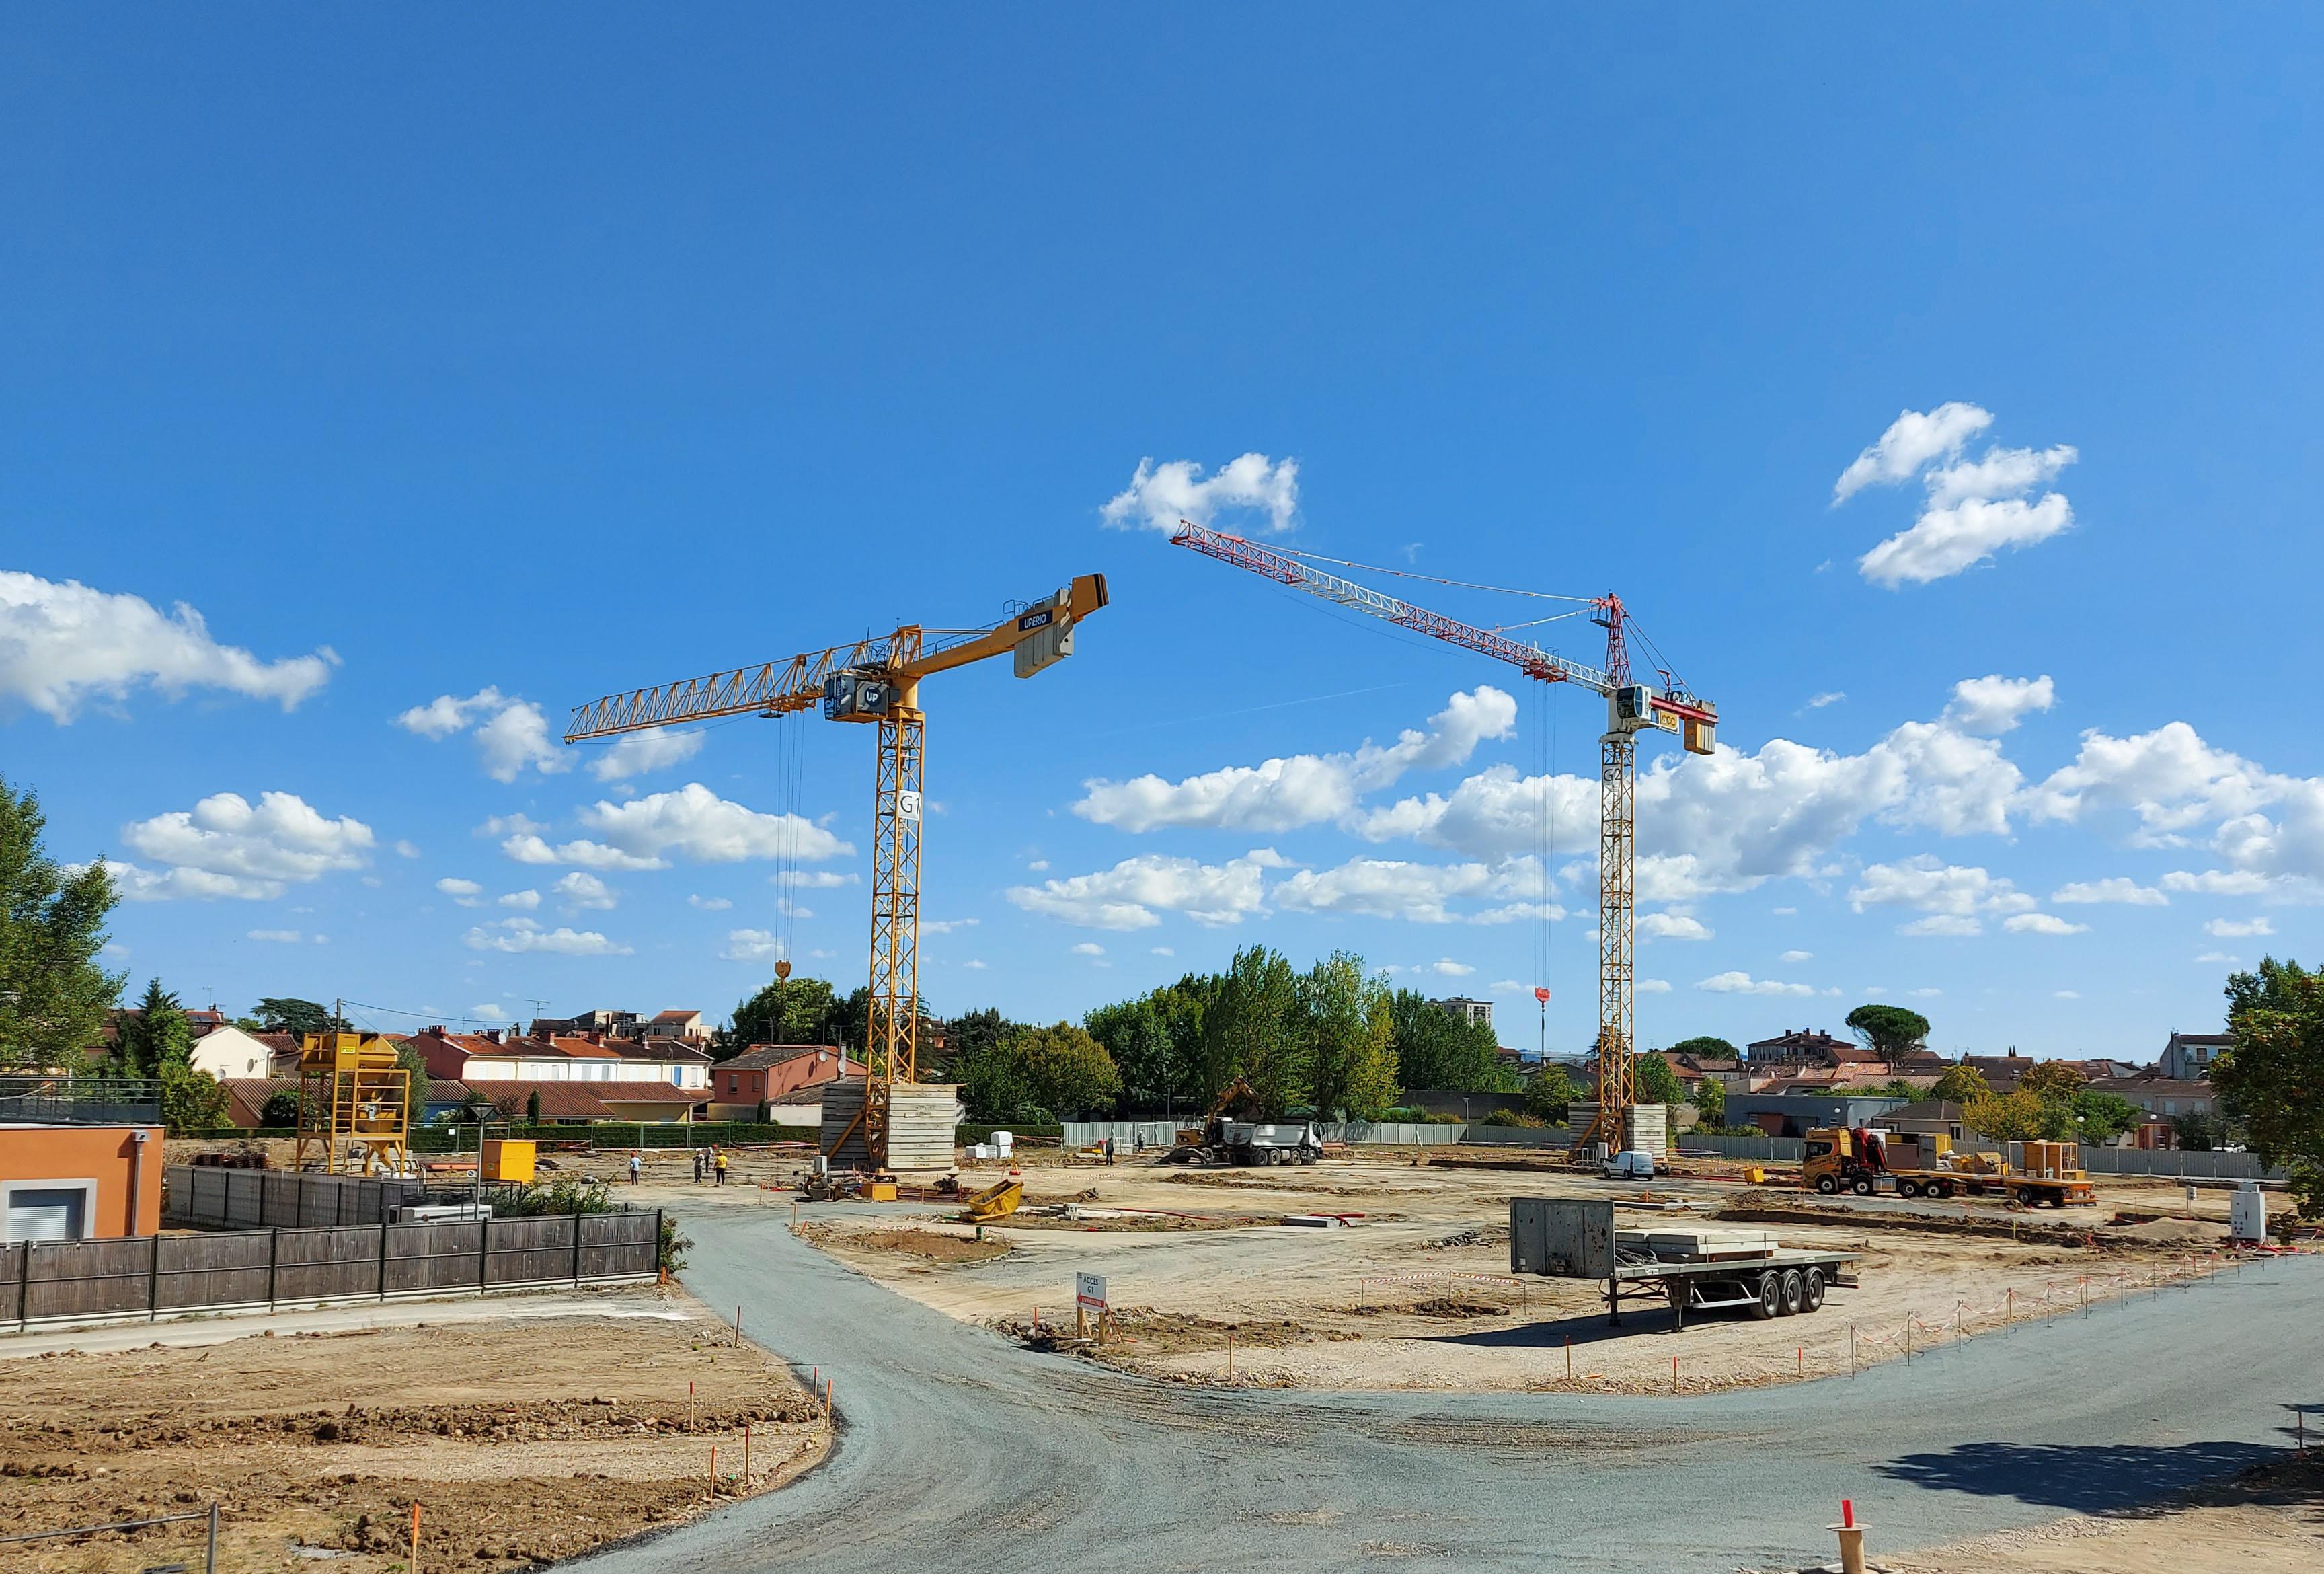 Début du chantier du futur hôpital de 85 lits